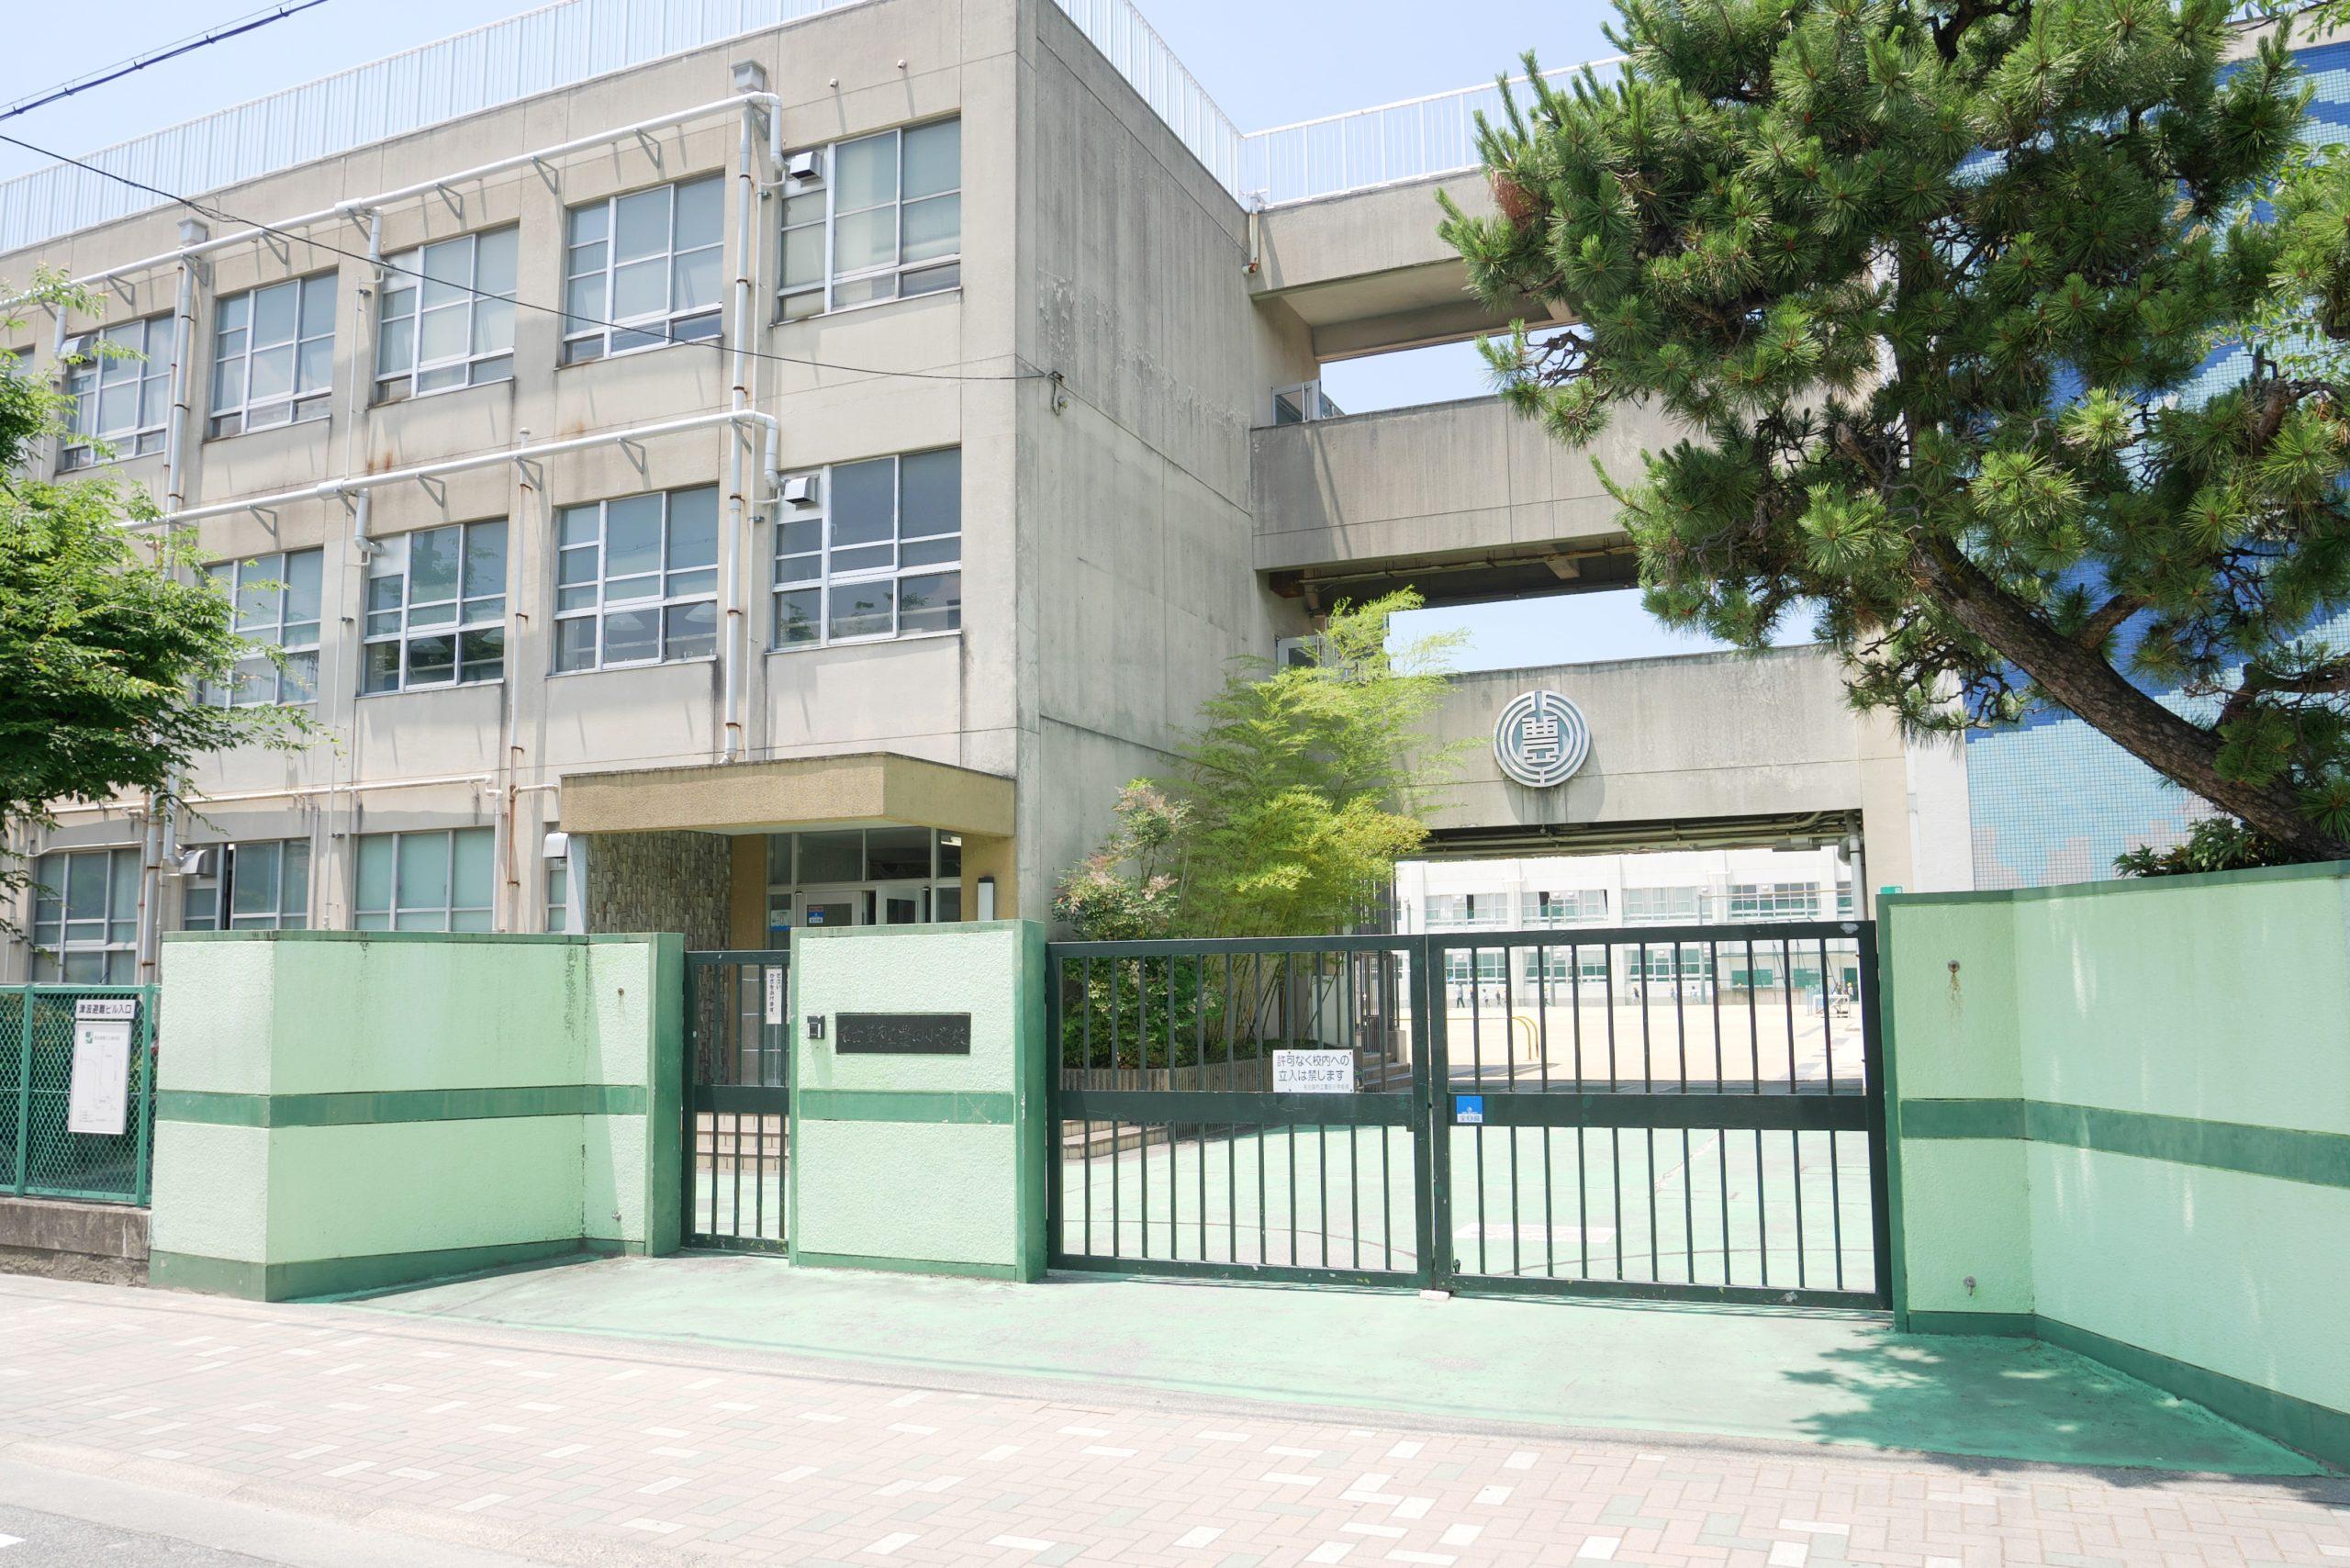 ・名古屋市立豊田小学校